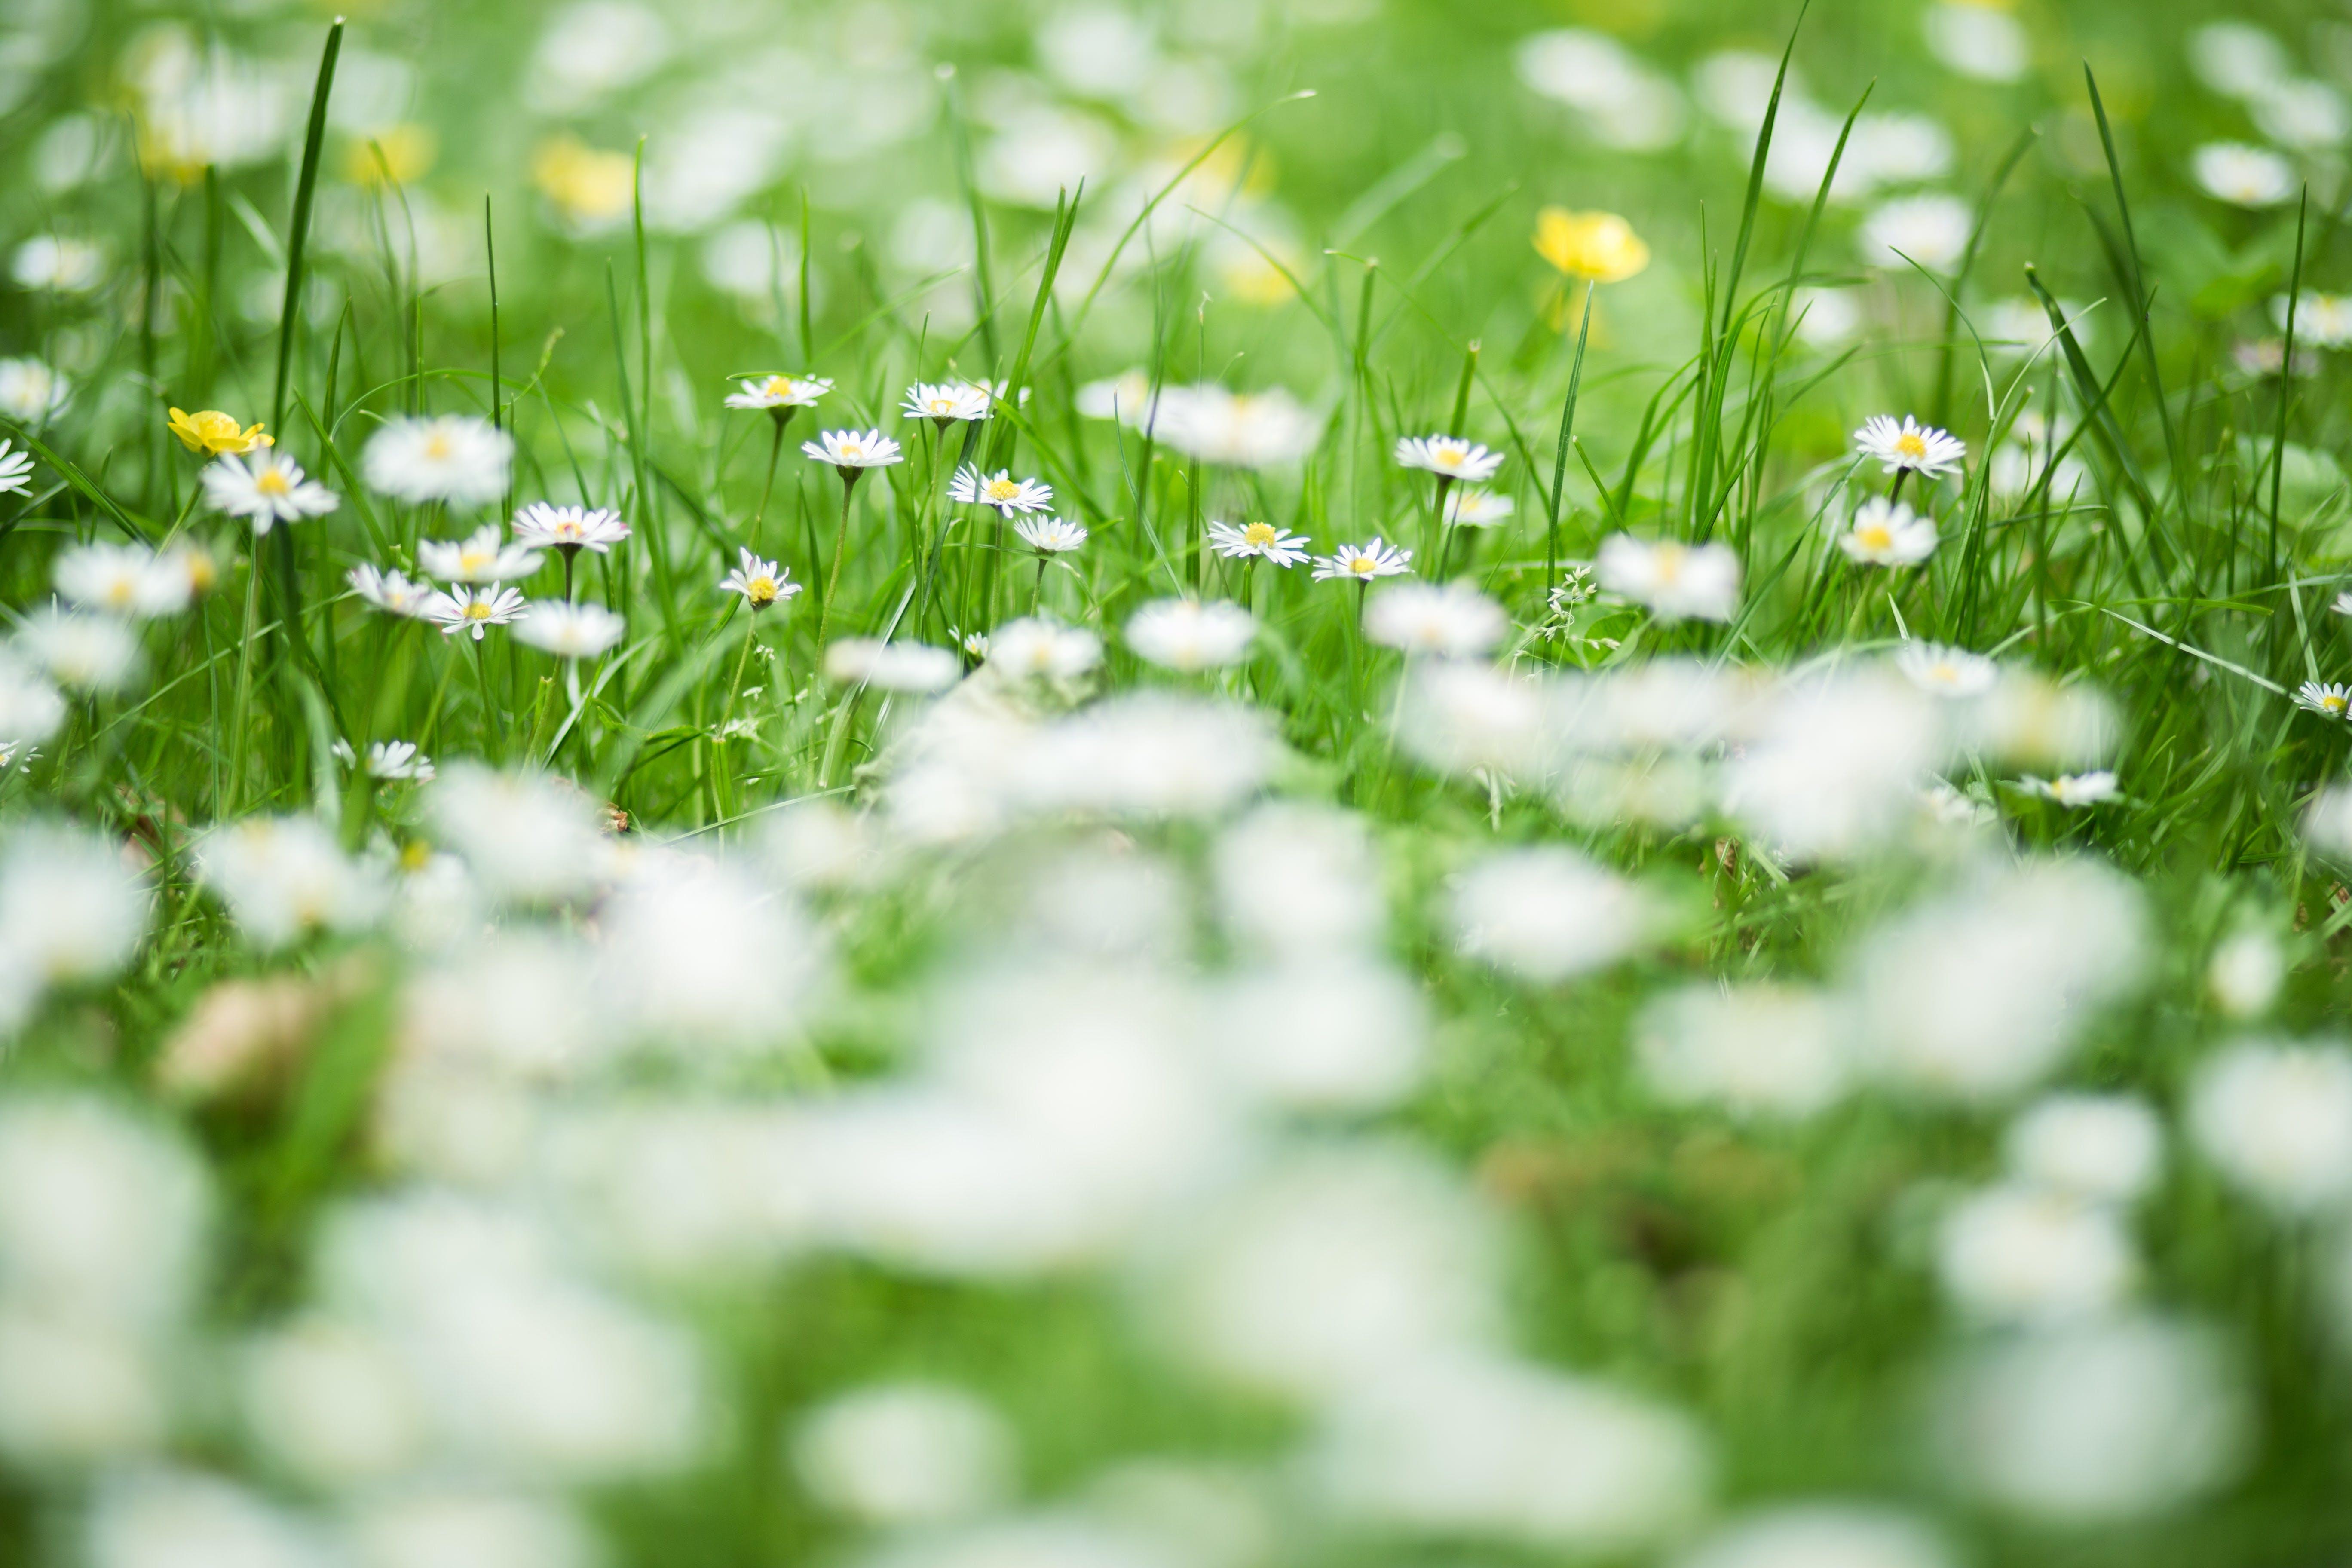 Kostenloses Stock Foto zu blumen, englisch gänseblümchen, gras, natur